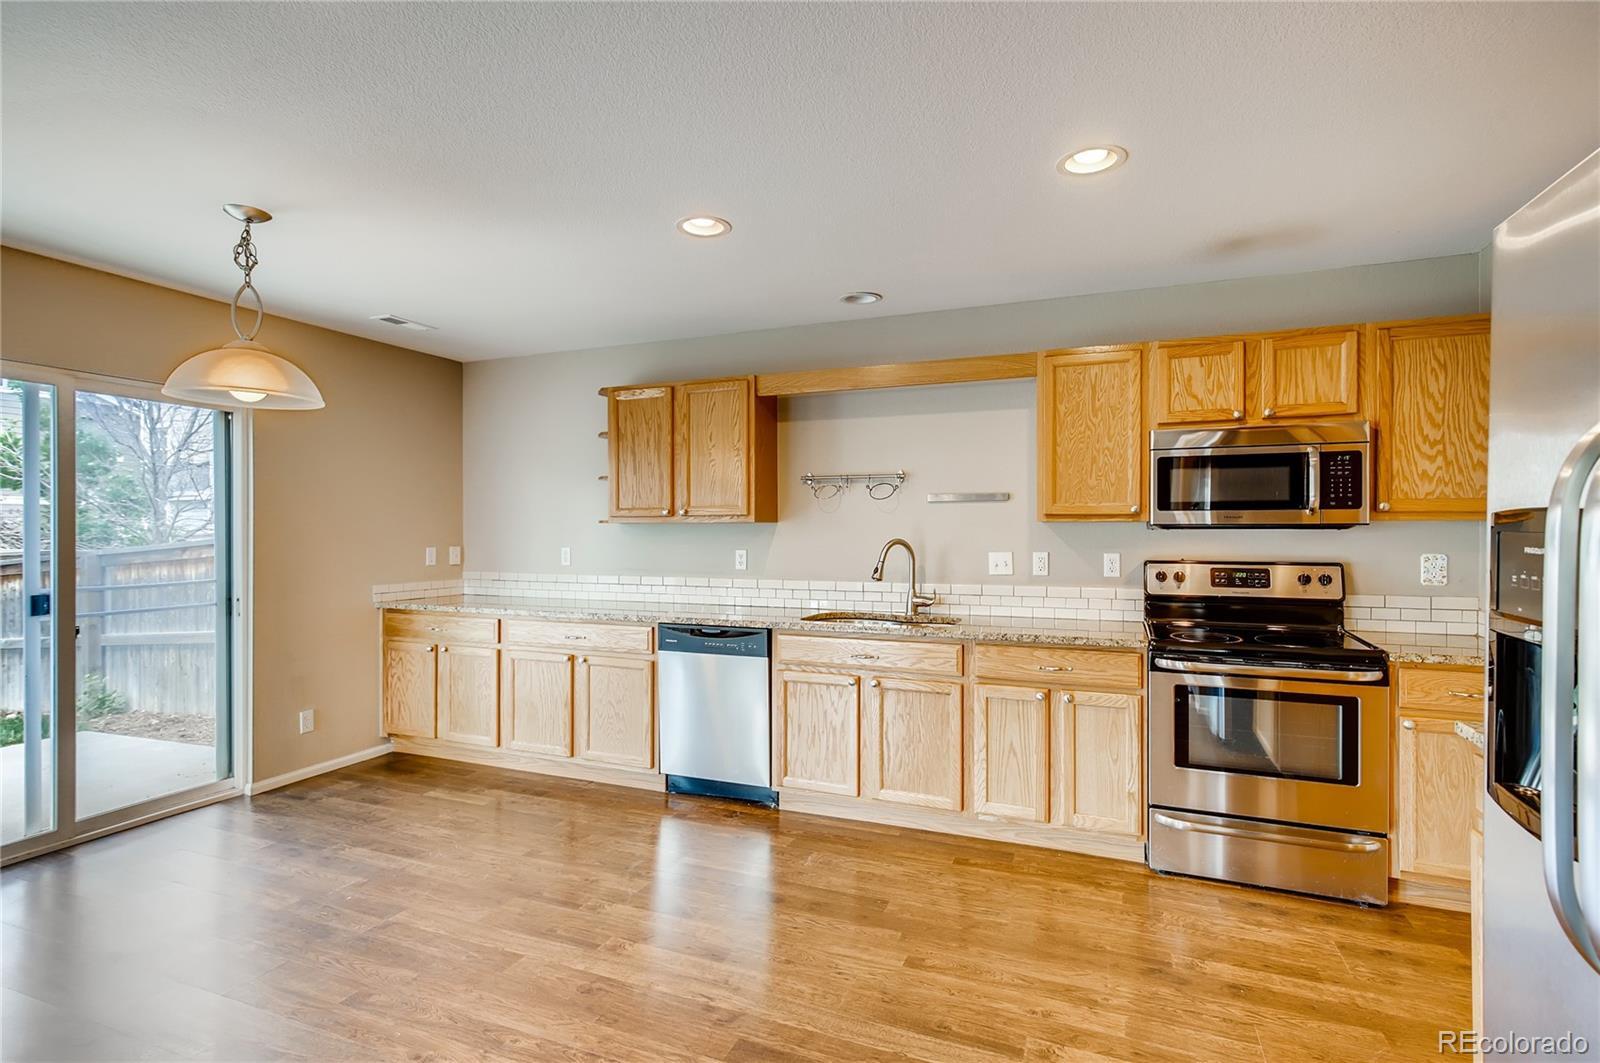 MLS# 6875065 - 10 - 5933 Turnstone Place, Castle Rock, CO 80104